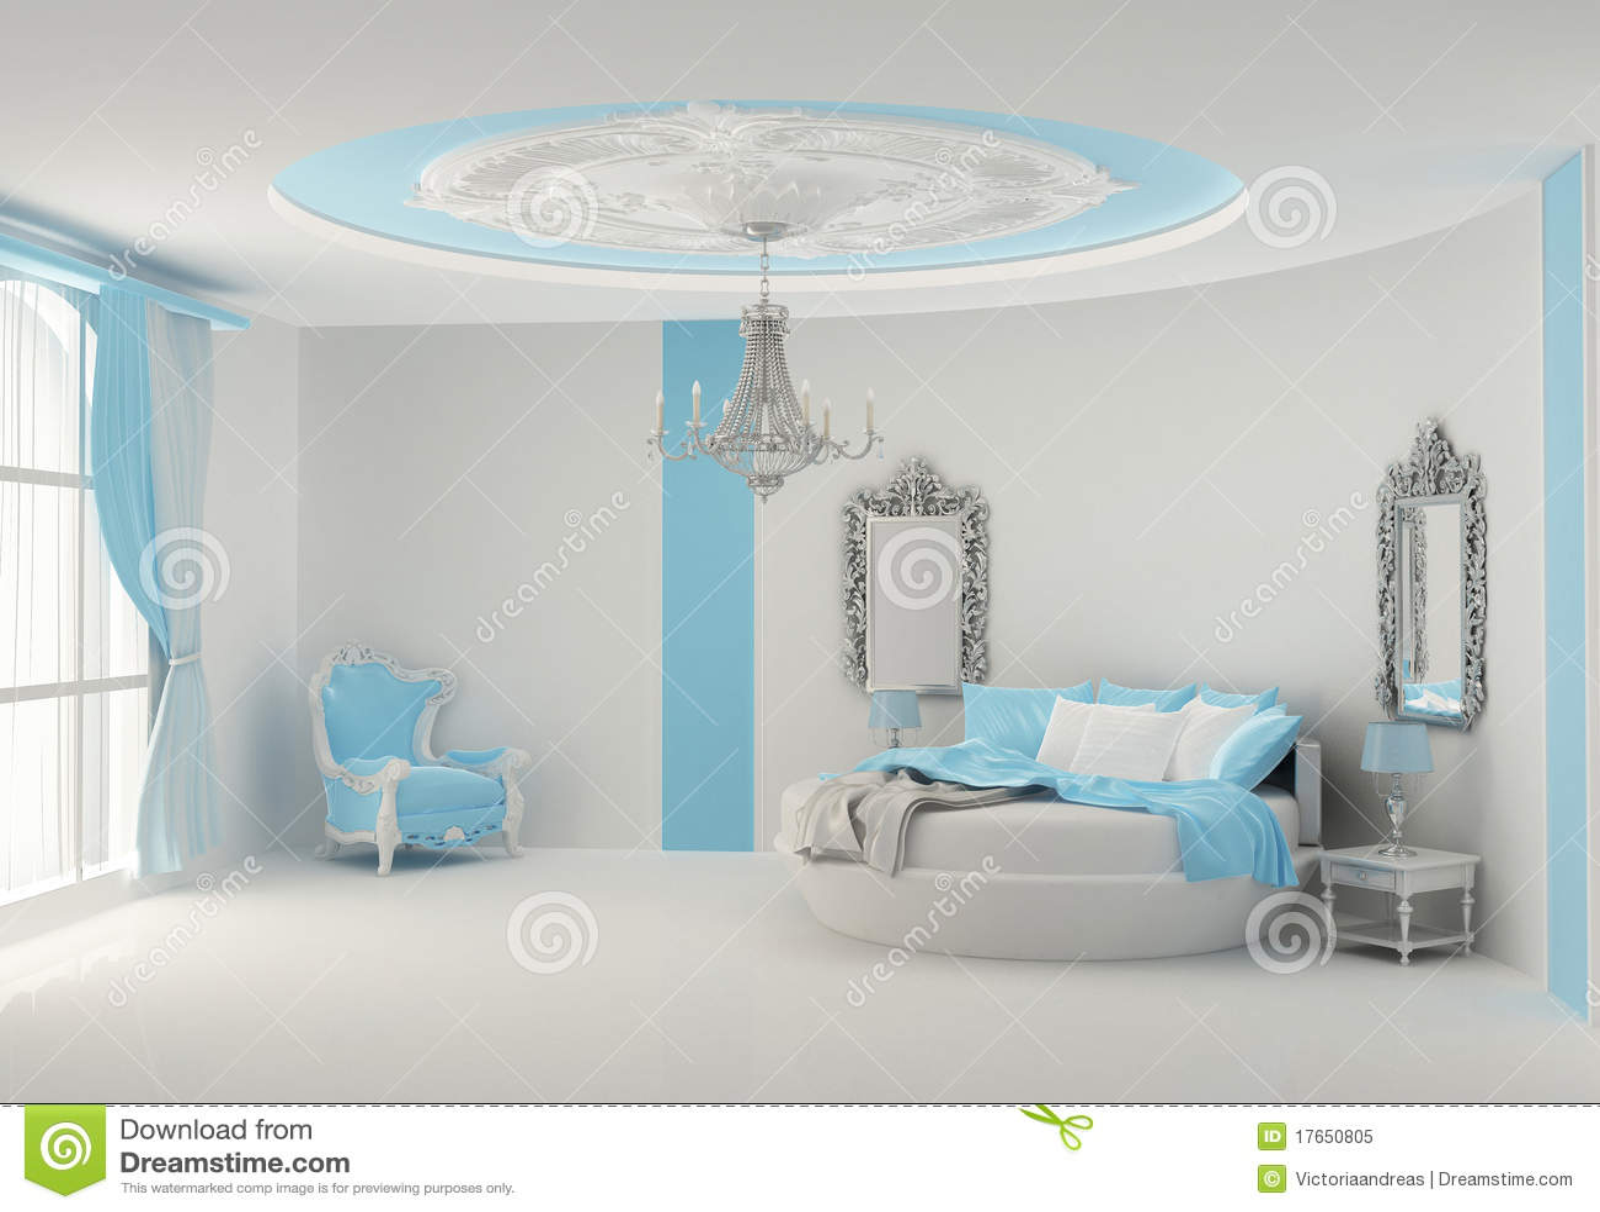 Slaapkamer met een rond bed stock illustratie   afbeelding: 52410450